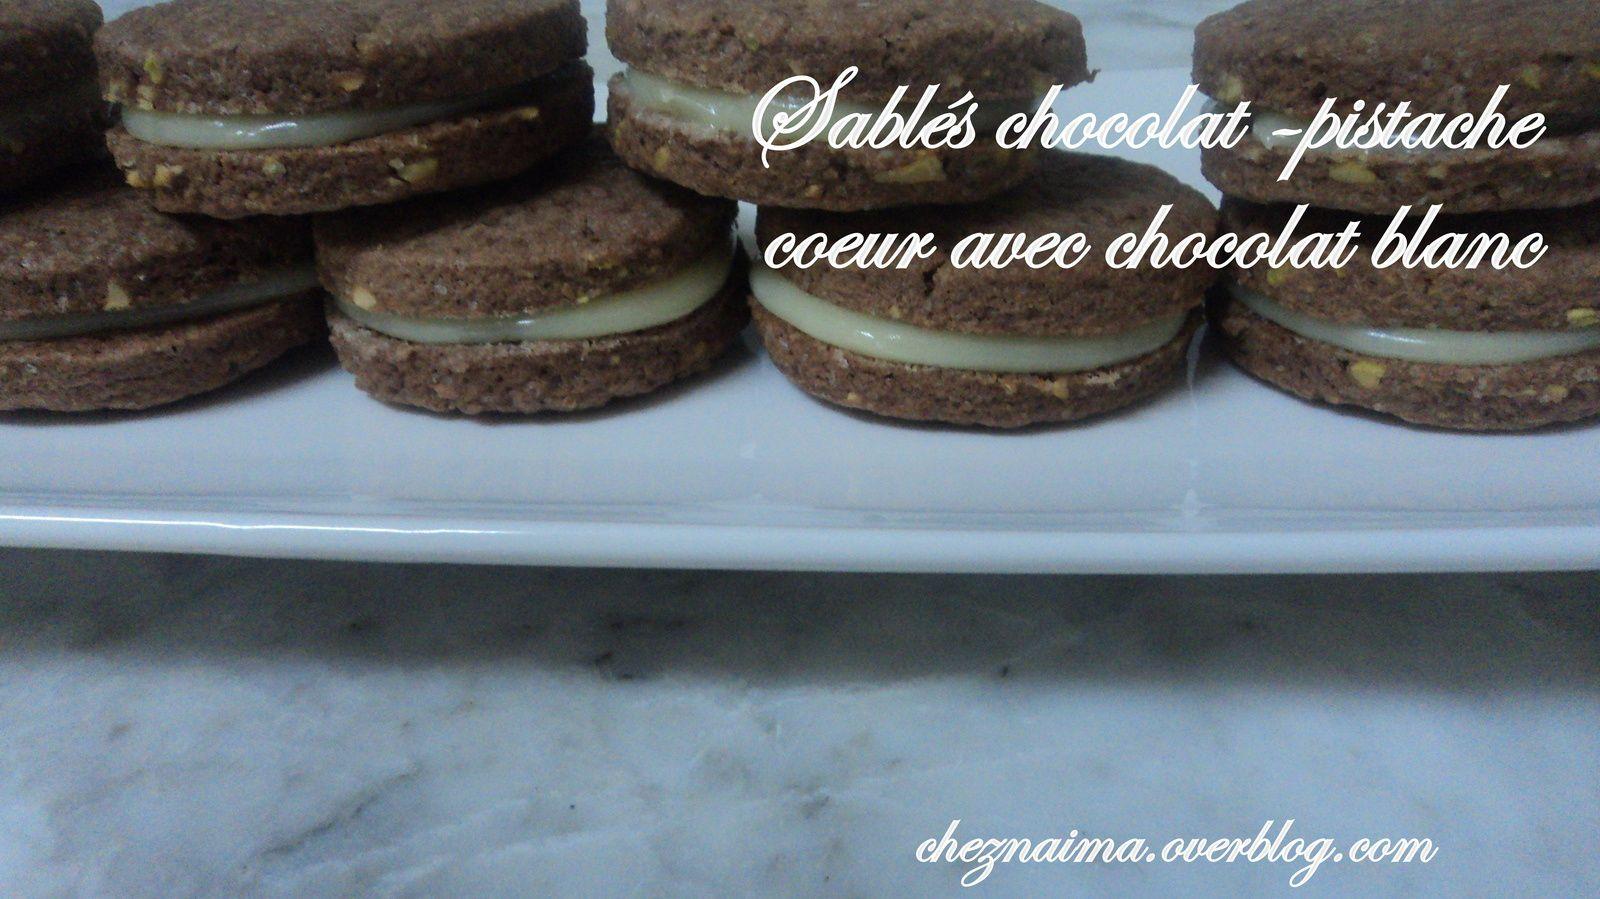 Sablés chocolat - pistache, coeur avec chocolat blanc